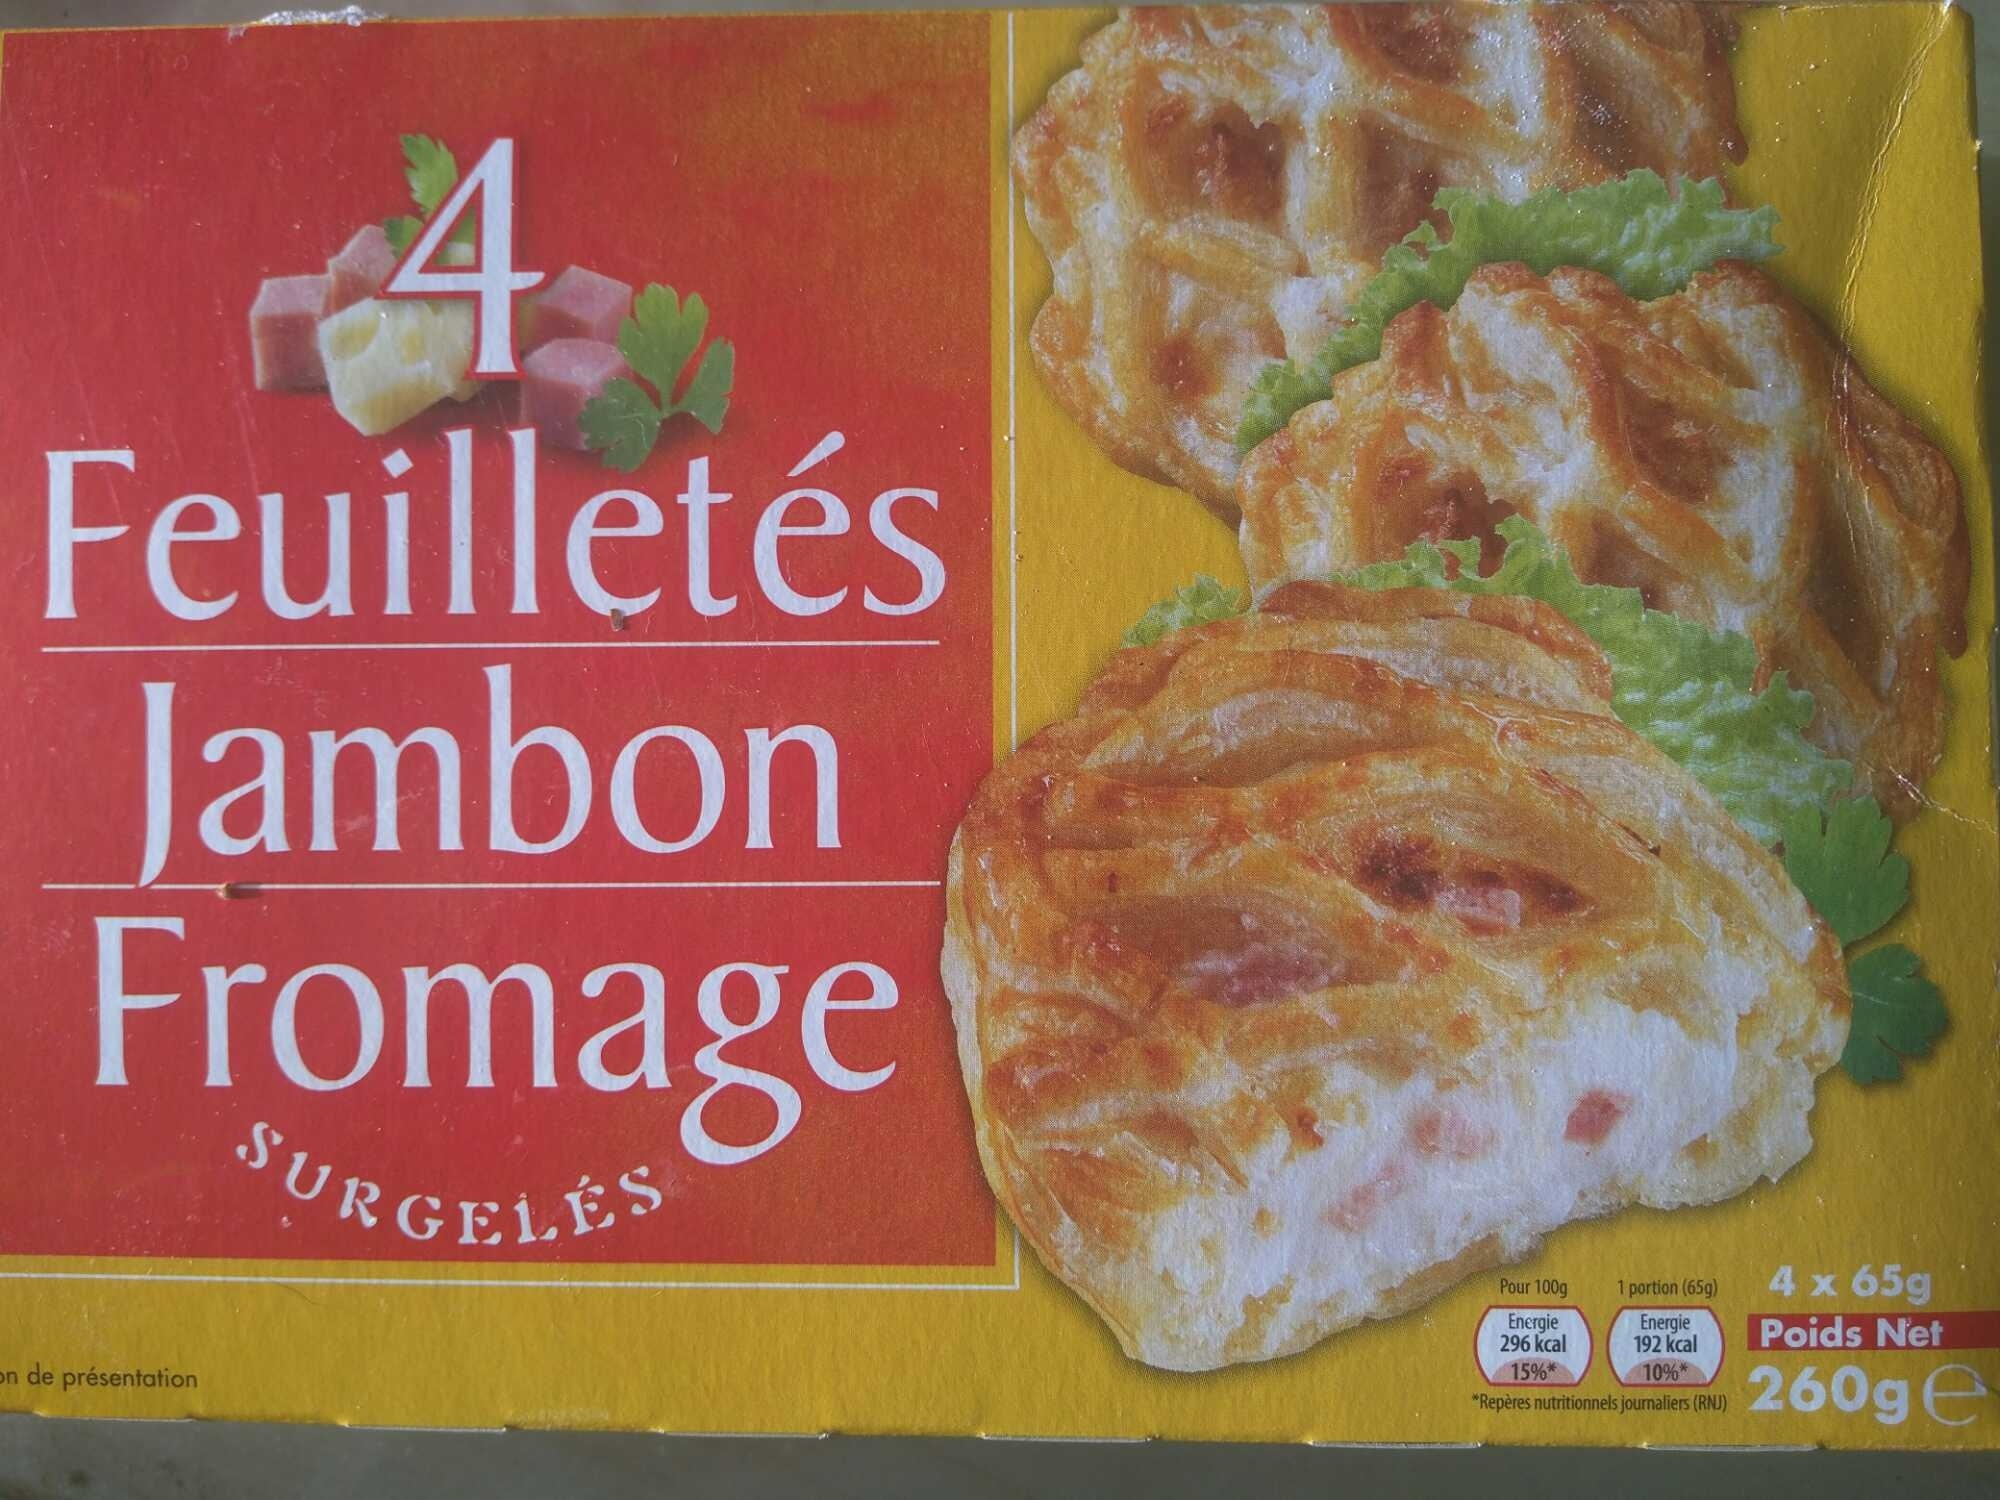 4 Feuilletés Jambon Fromage, Surgelés - Product - fr